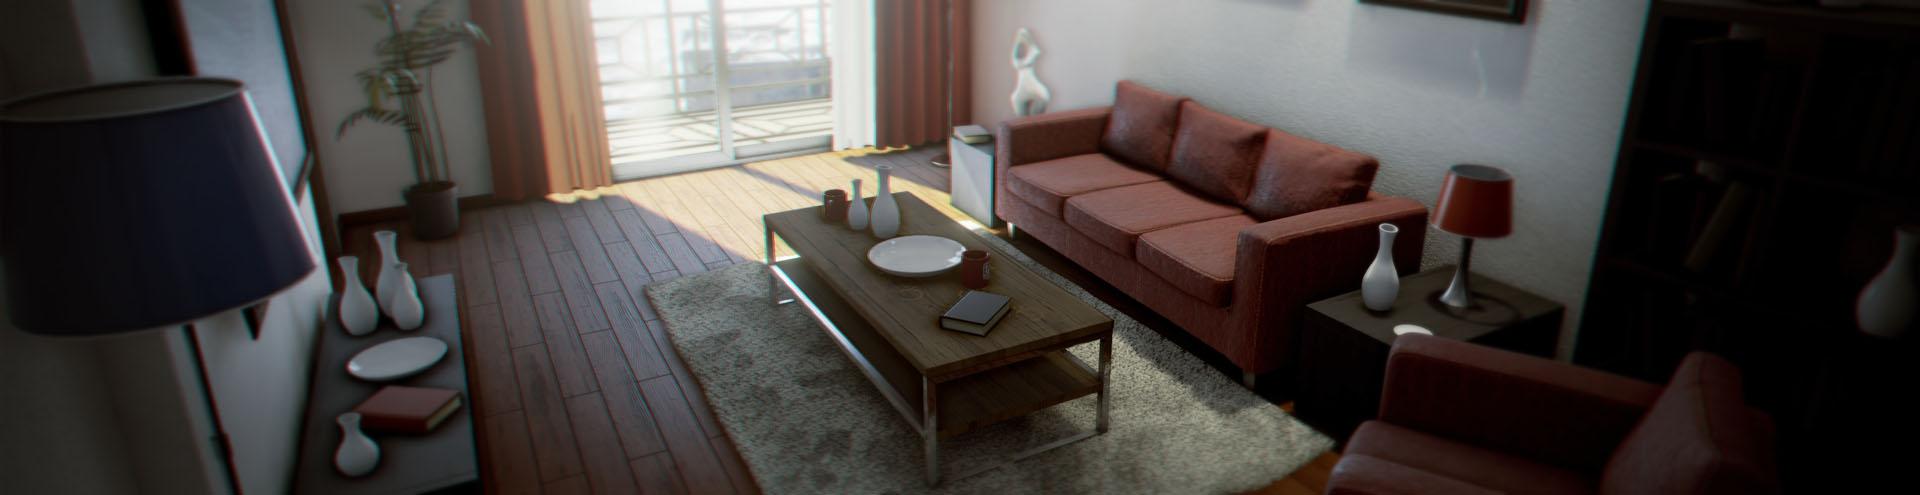 Making_Maya_&_Unreal_for_Production_Interior